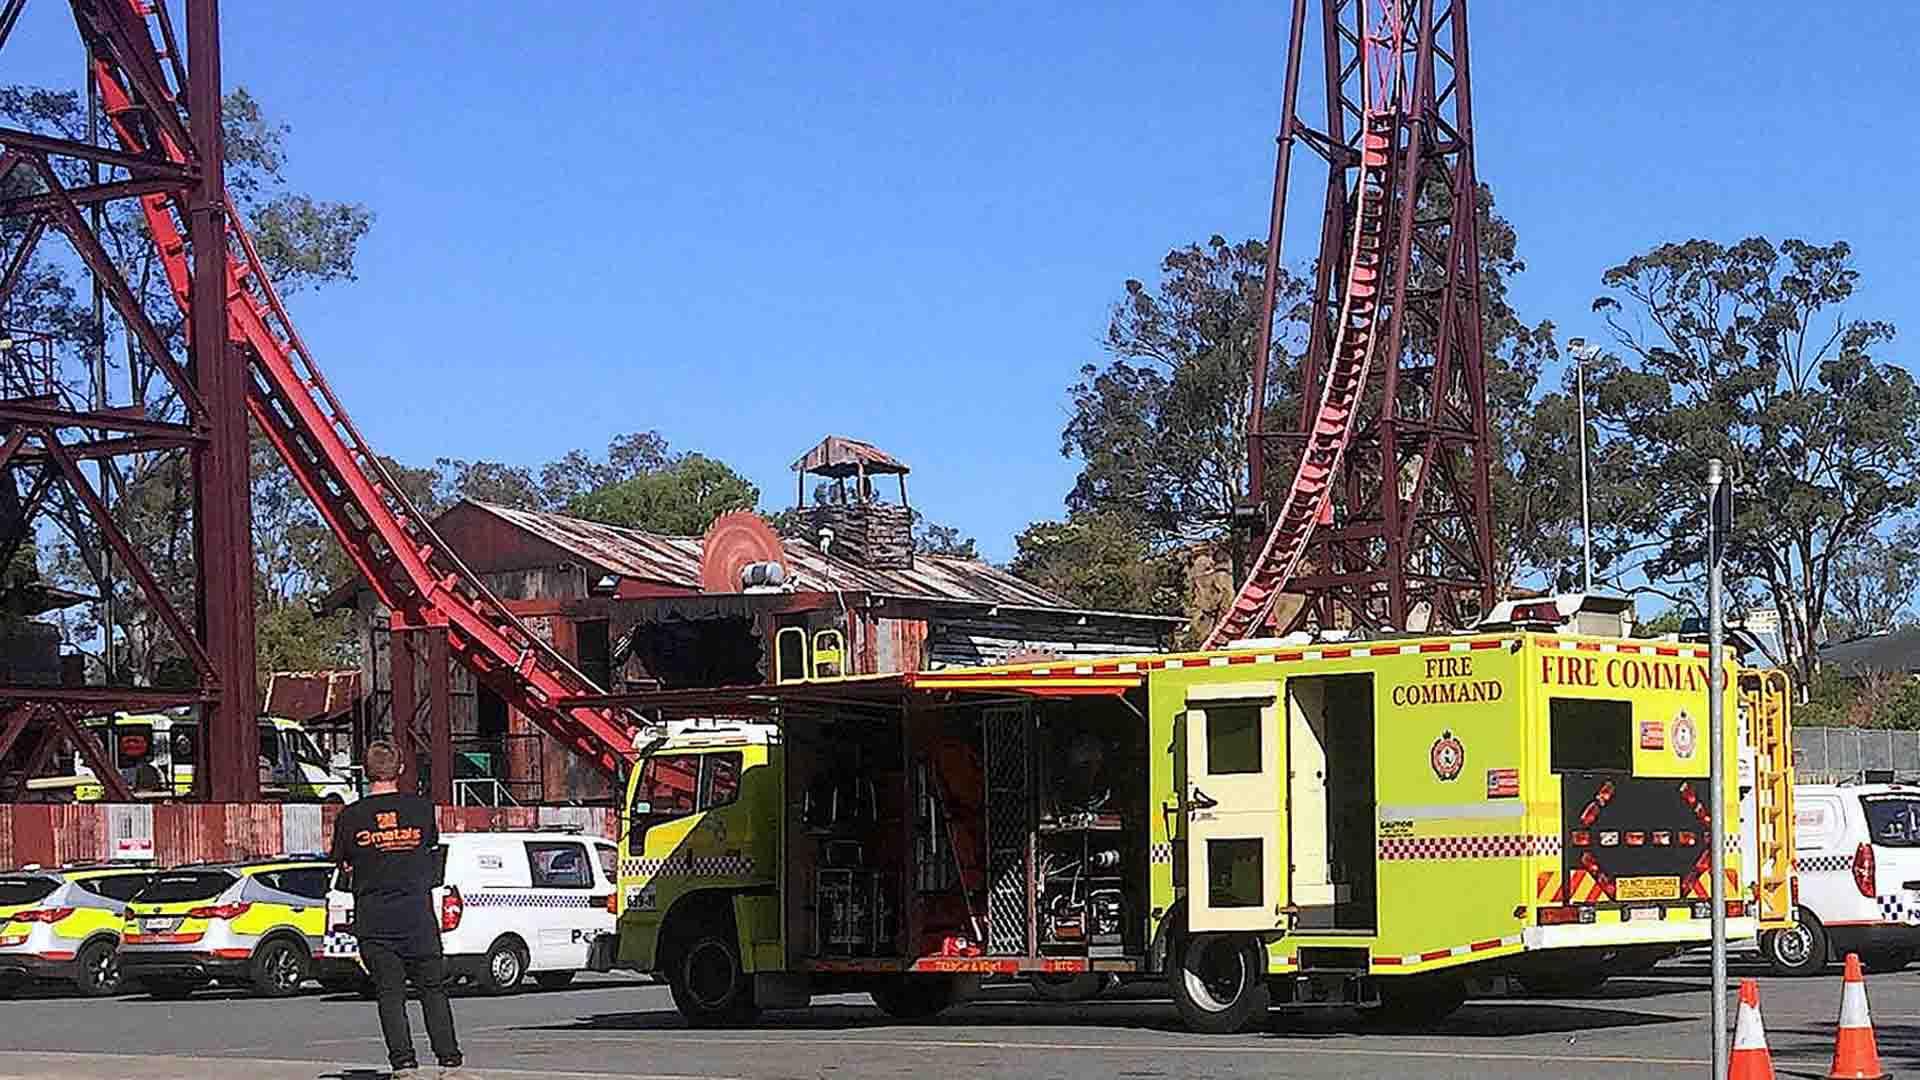 El hecho en el que murieron cuatro ocurrió en una de las atracciones principales del parque temático Dreamworld